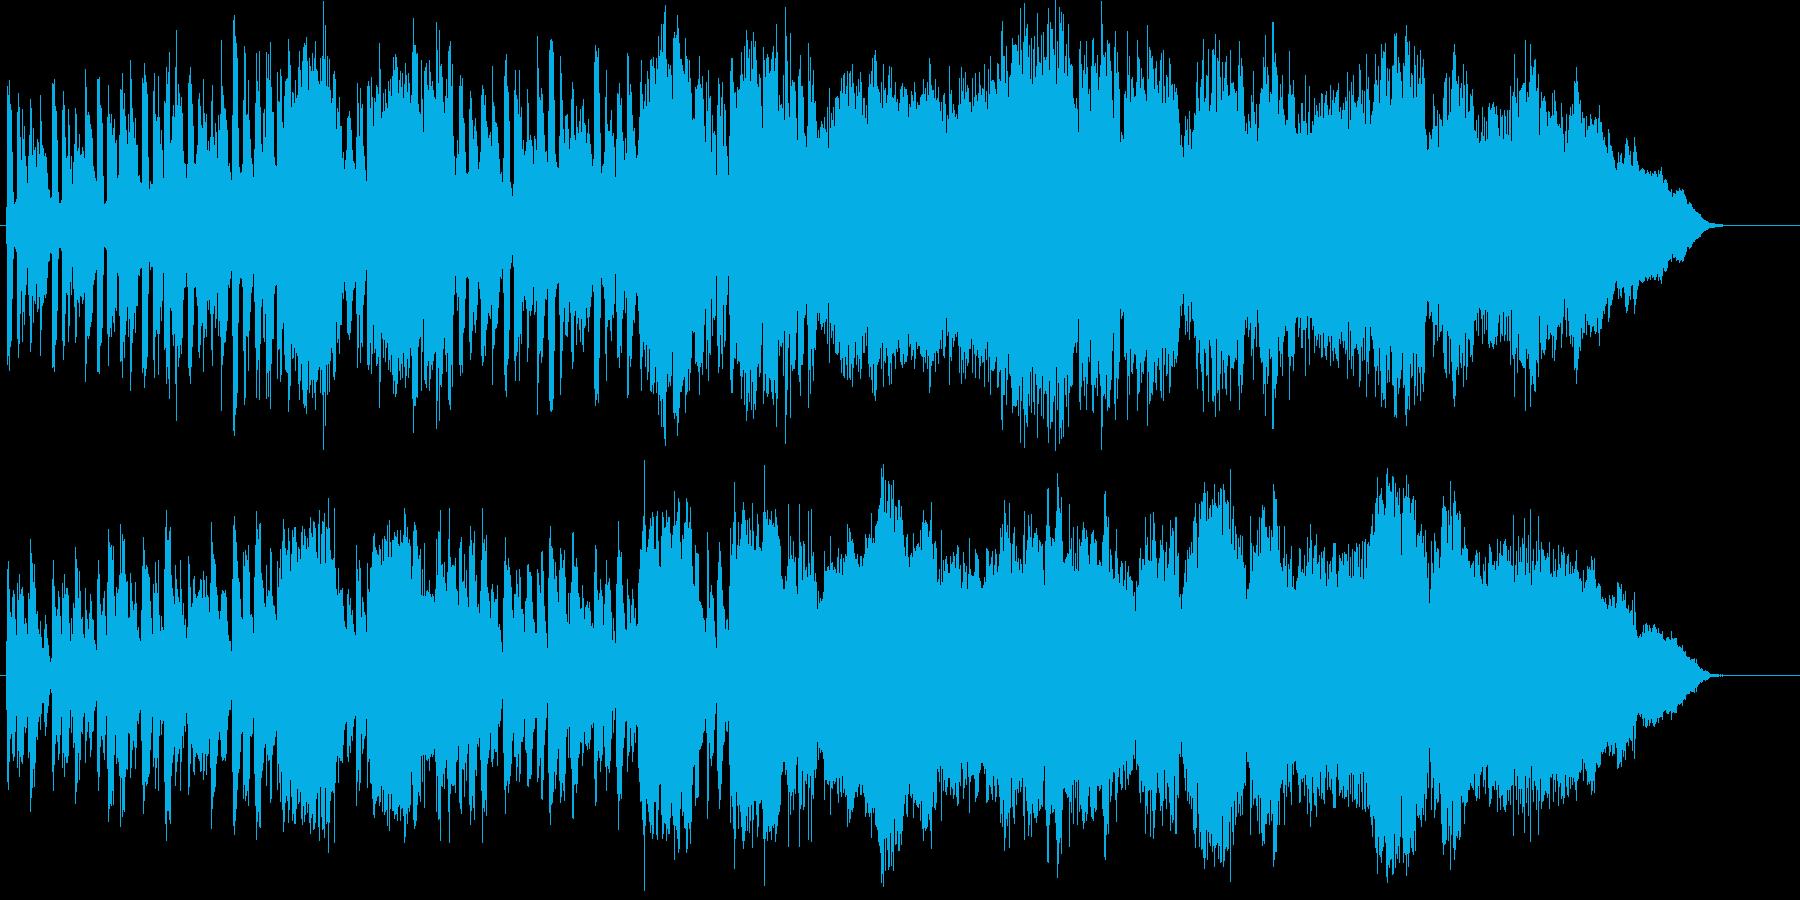 場面転換等に使えるほのぼの系オーケストラの再生済みの波形